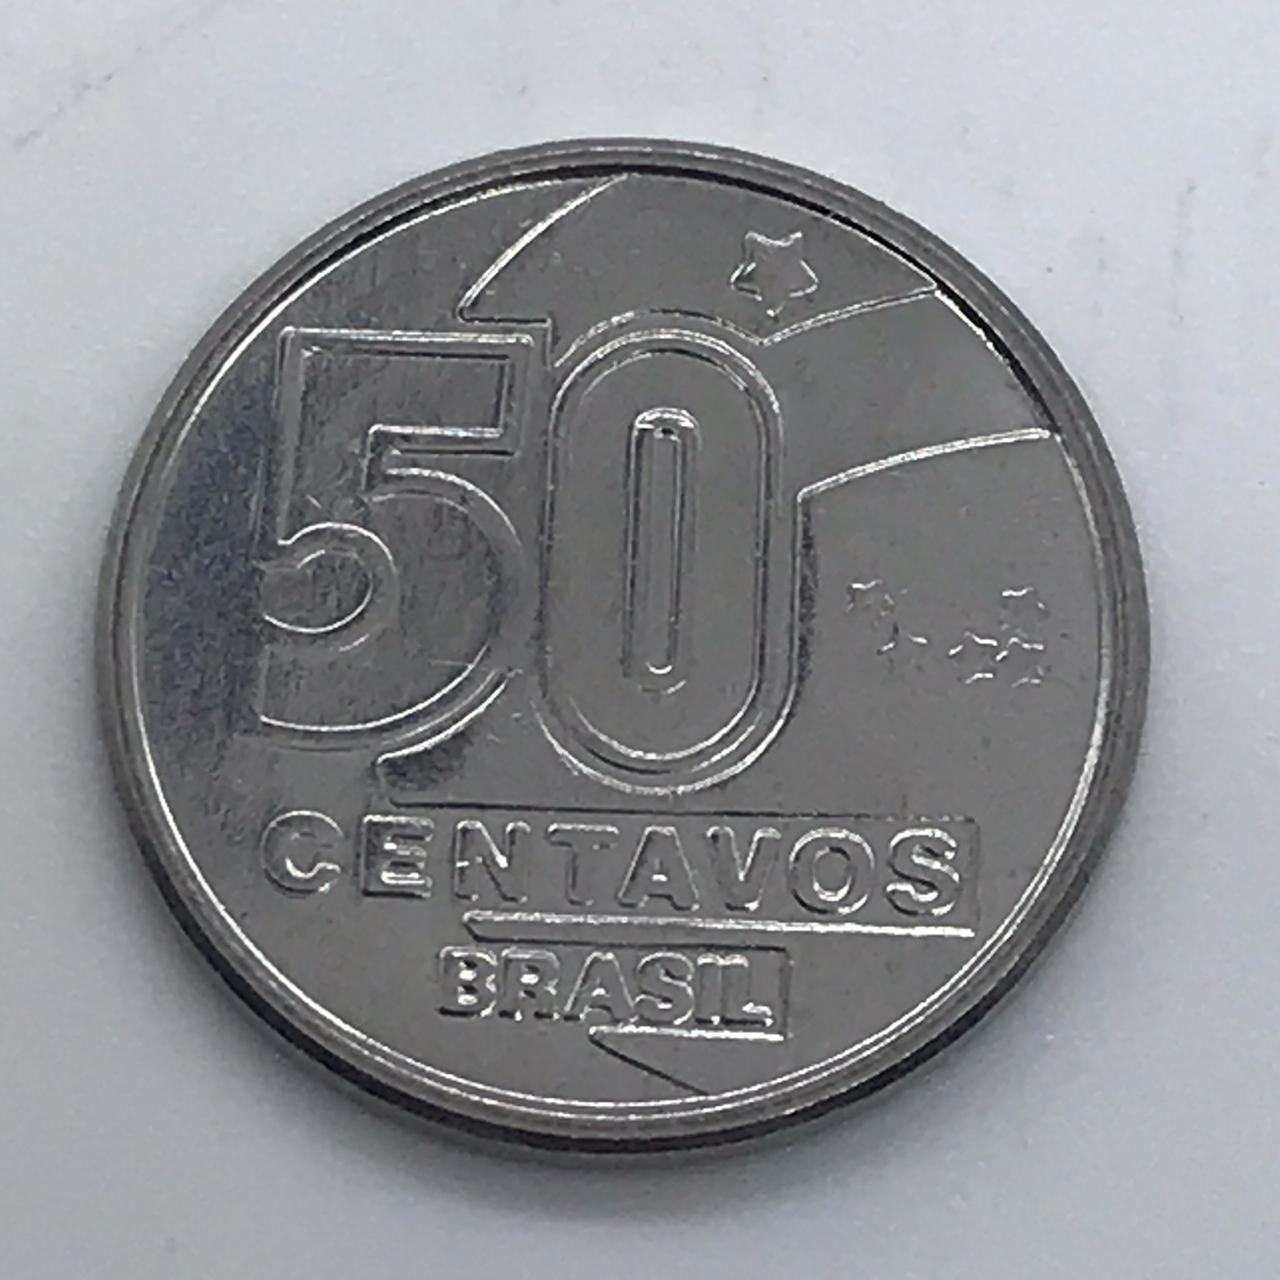 50 CENTAVOS 1990 FC